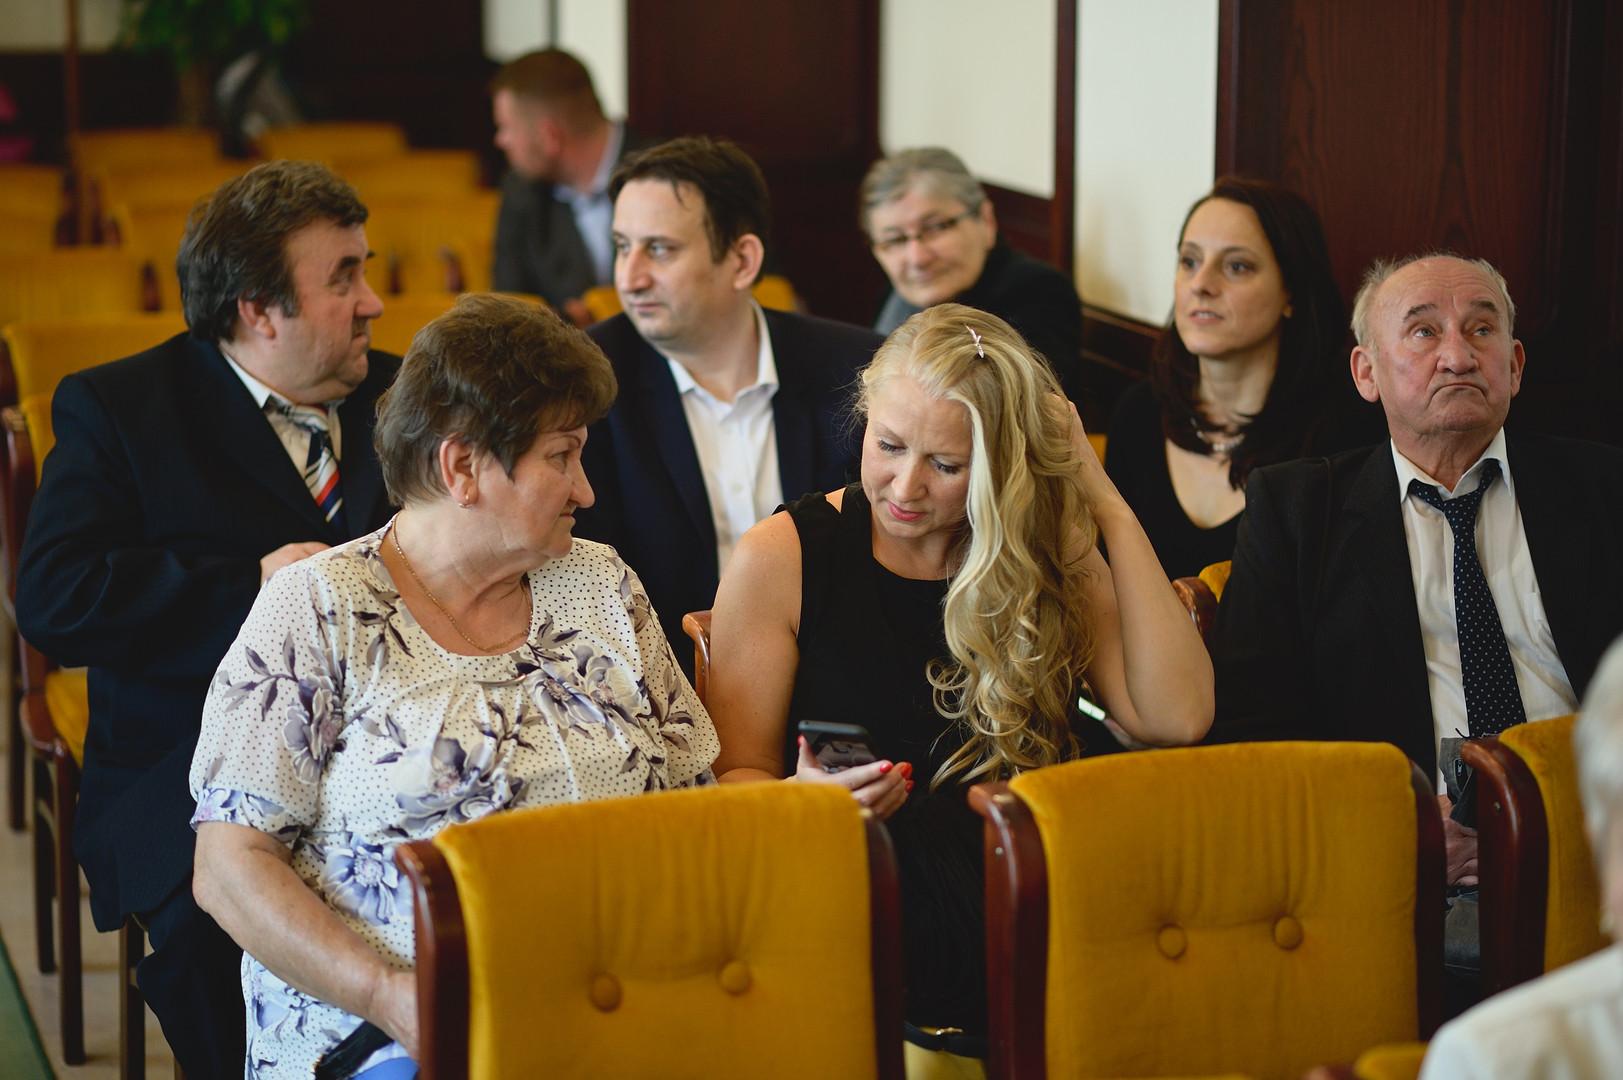 015 Esküvői fotózás - Enikő és Peti.jpg